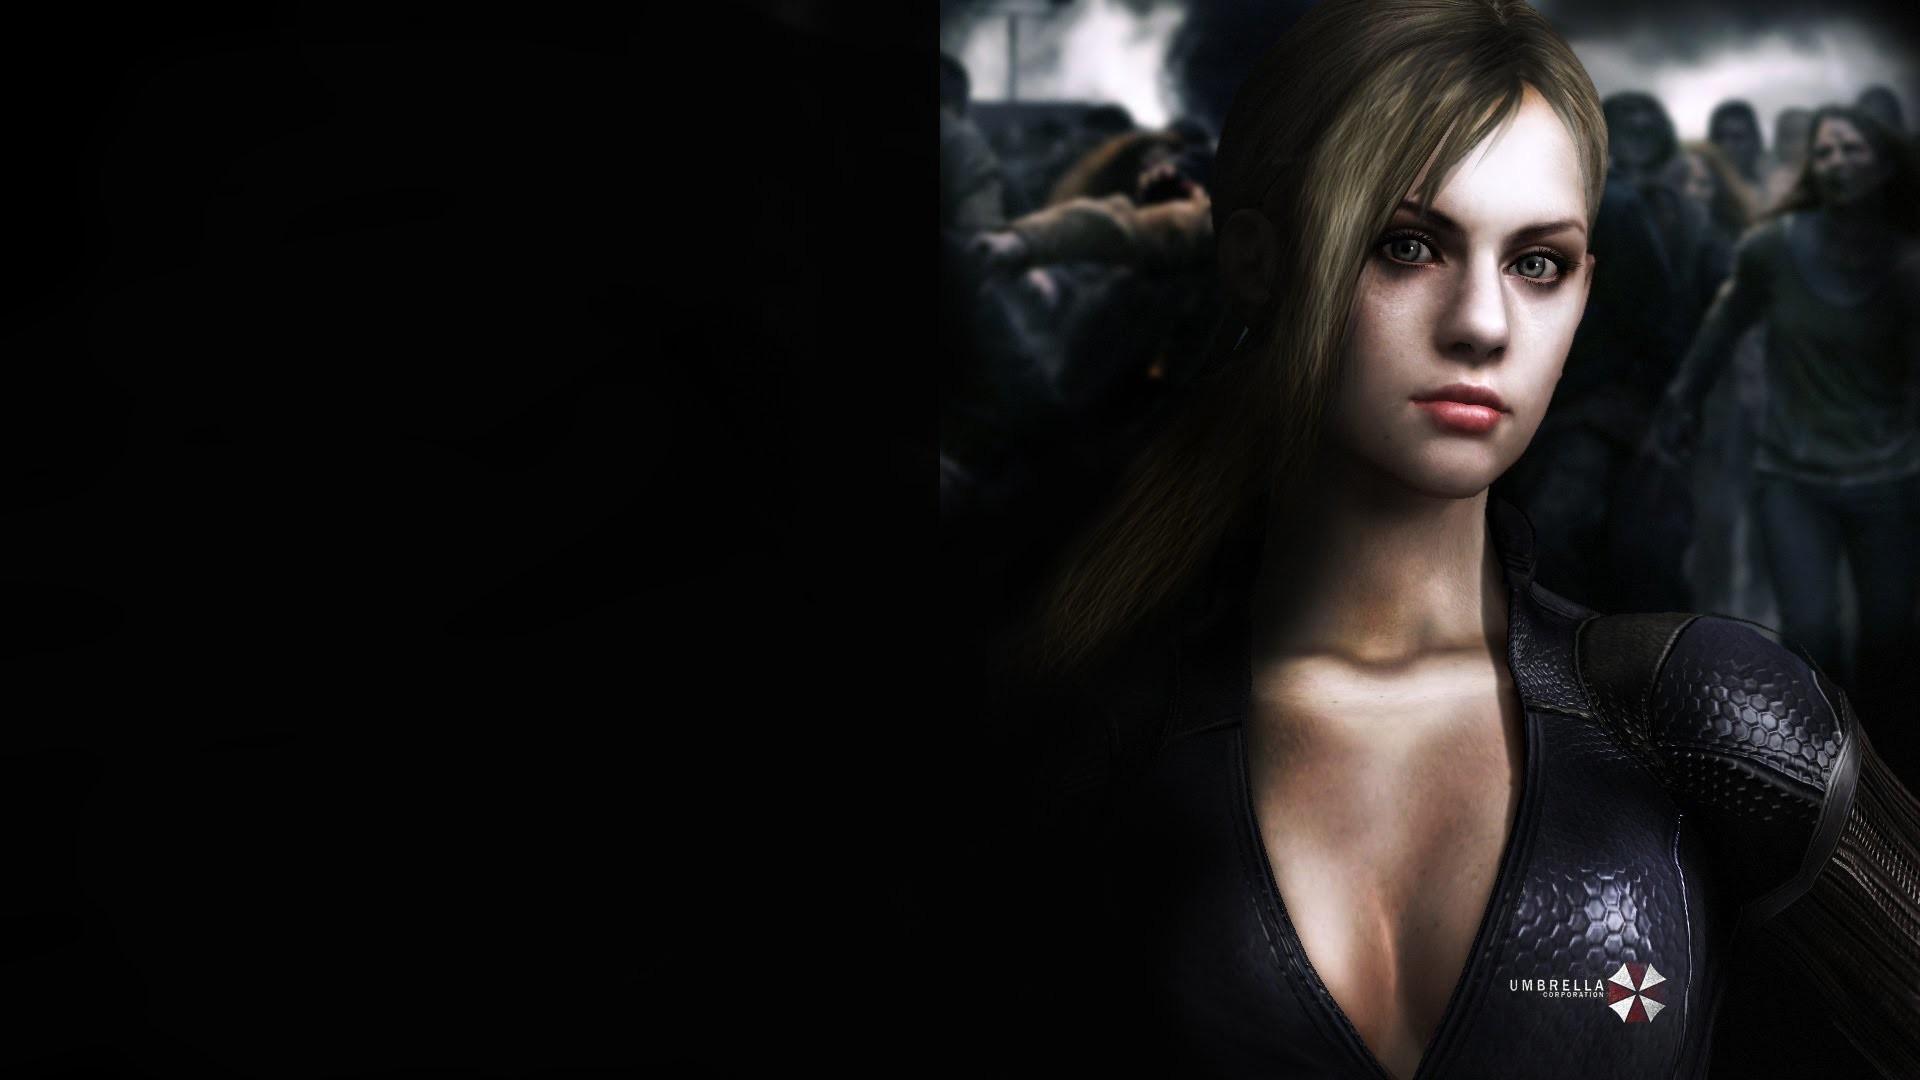 Wallpaper Resident Evil Resident Evil 5 Jill Valentine